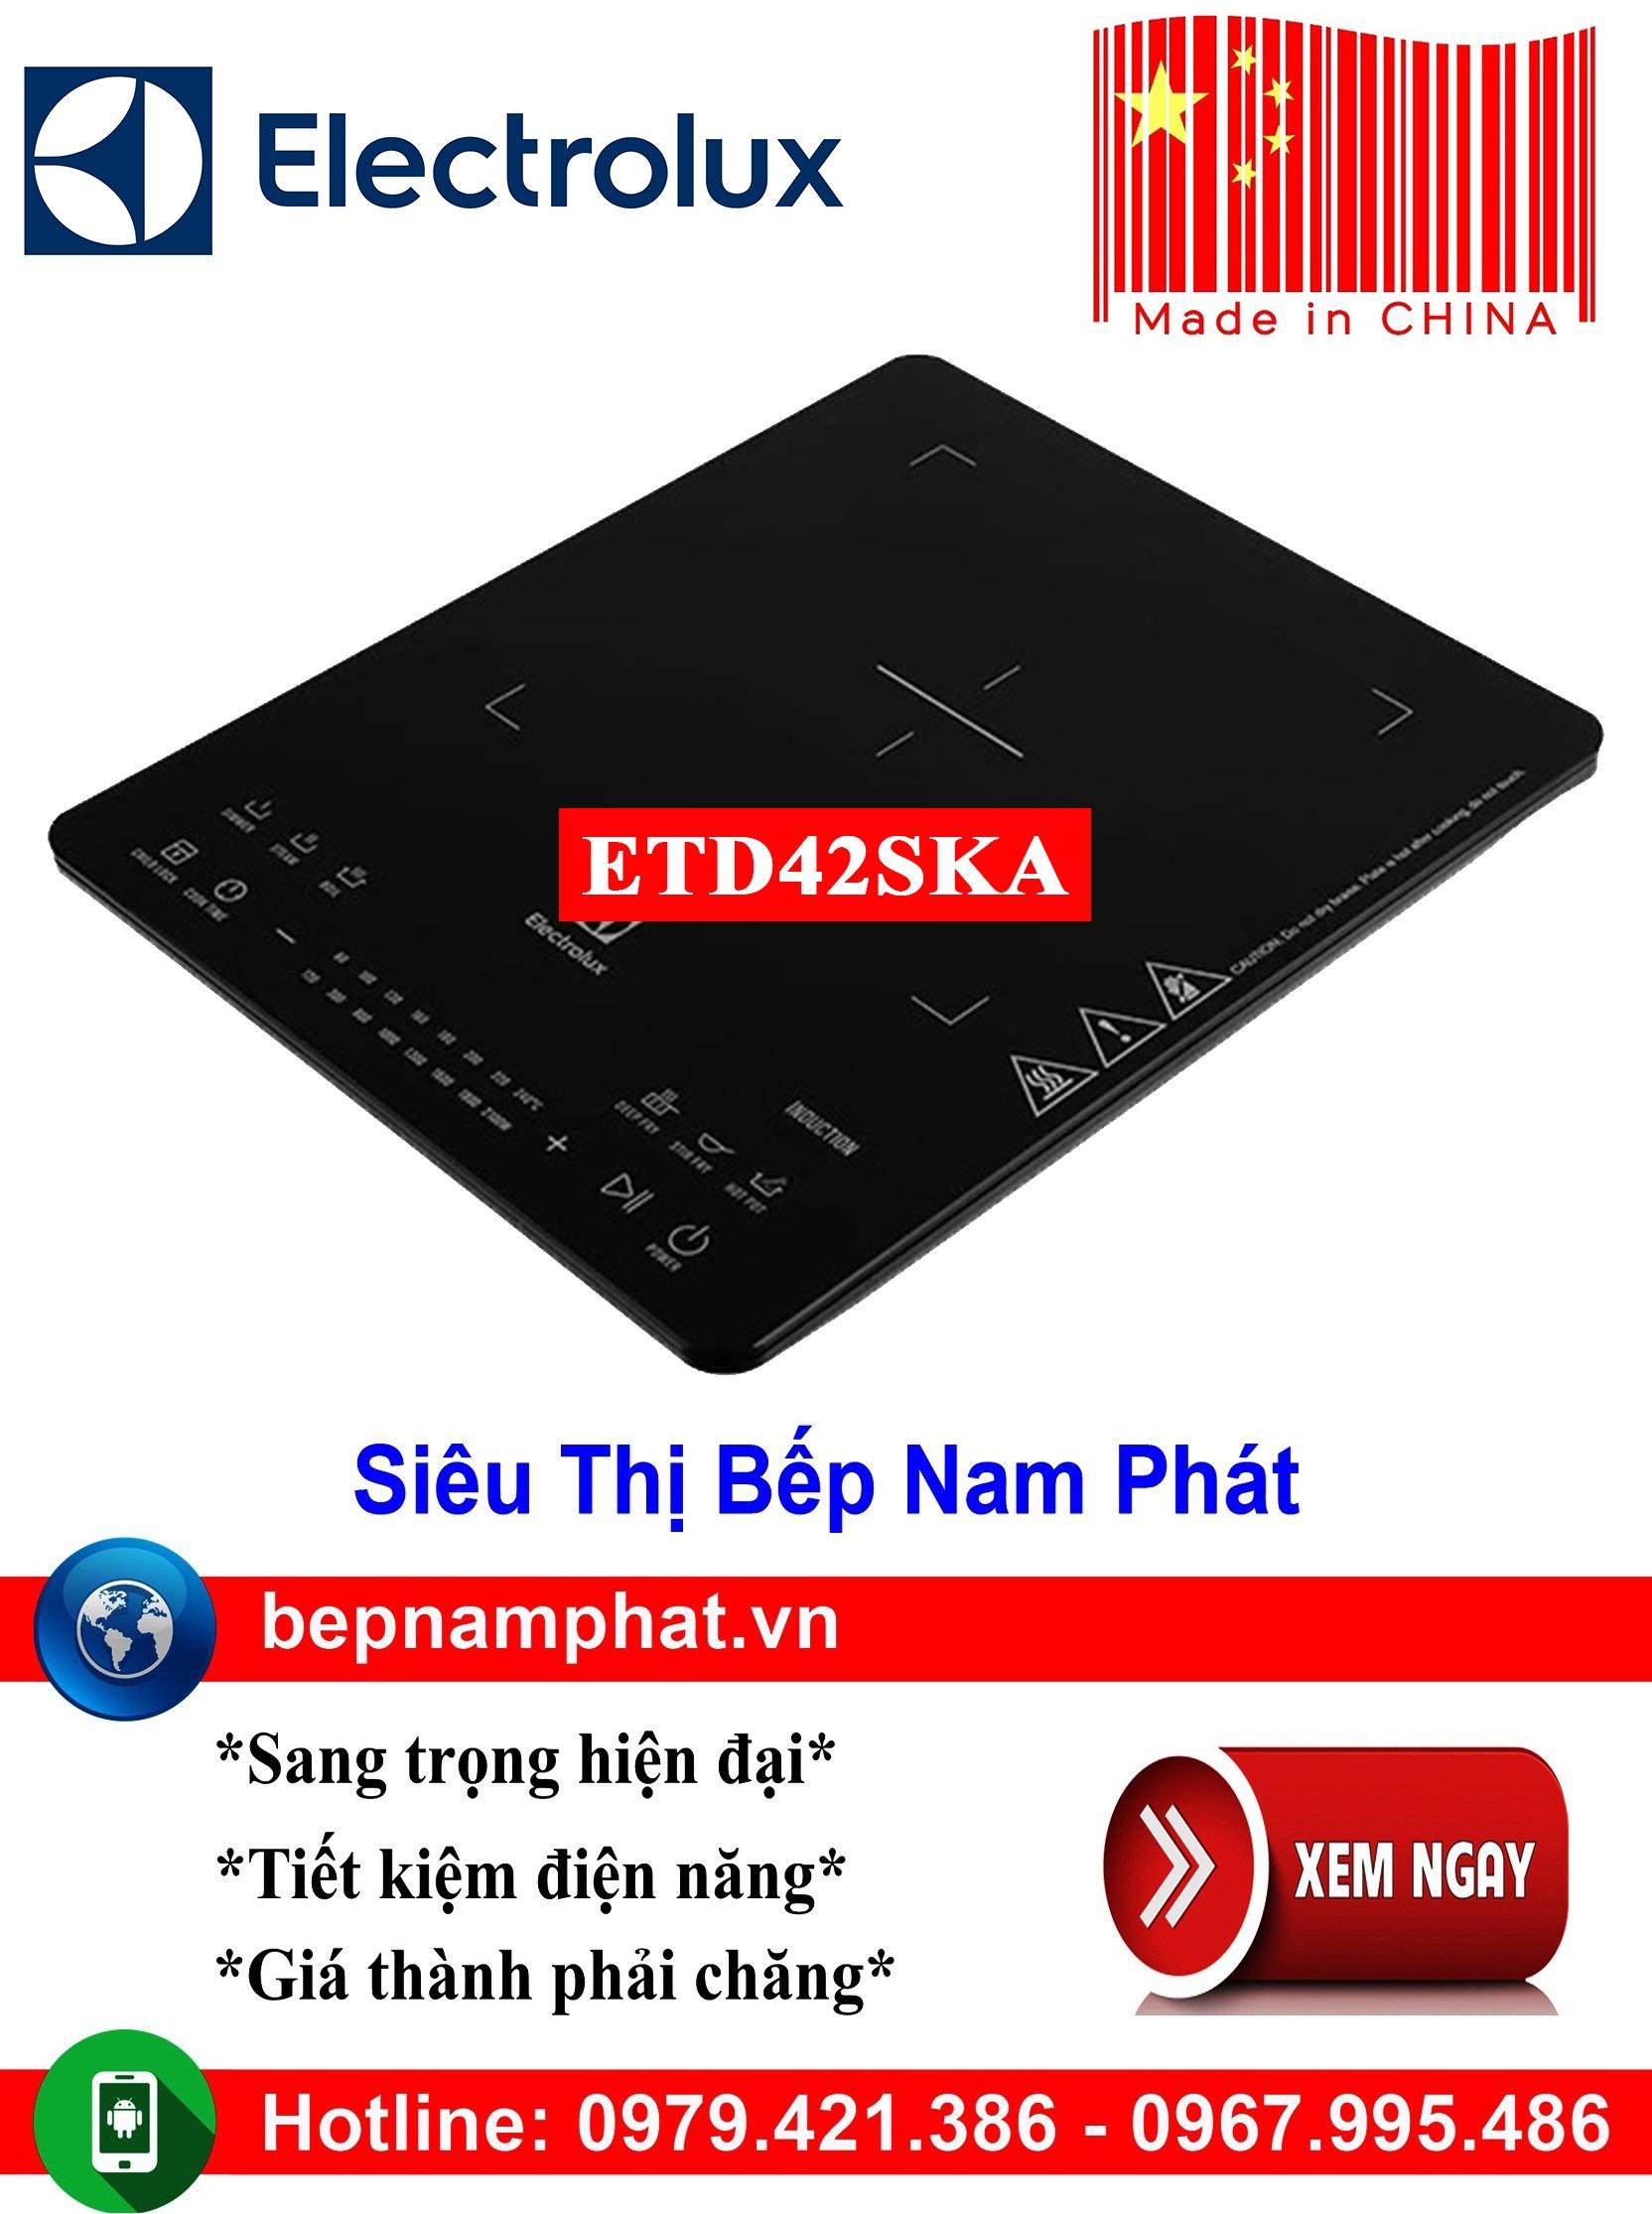 Bếp từ đơn Electrolux ETD42SKA sản xuất Trung Quốc bếp từ bếp điện từ bếp từ đôi bếp điện từ đôi bếp từ giá rẻ bếp điện từ giá rẻ bếp từ đơn bep tu don bep tu